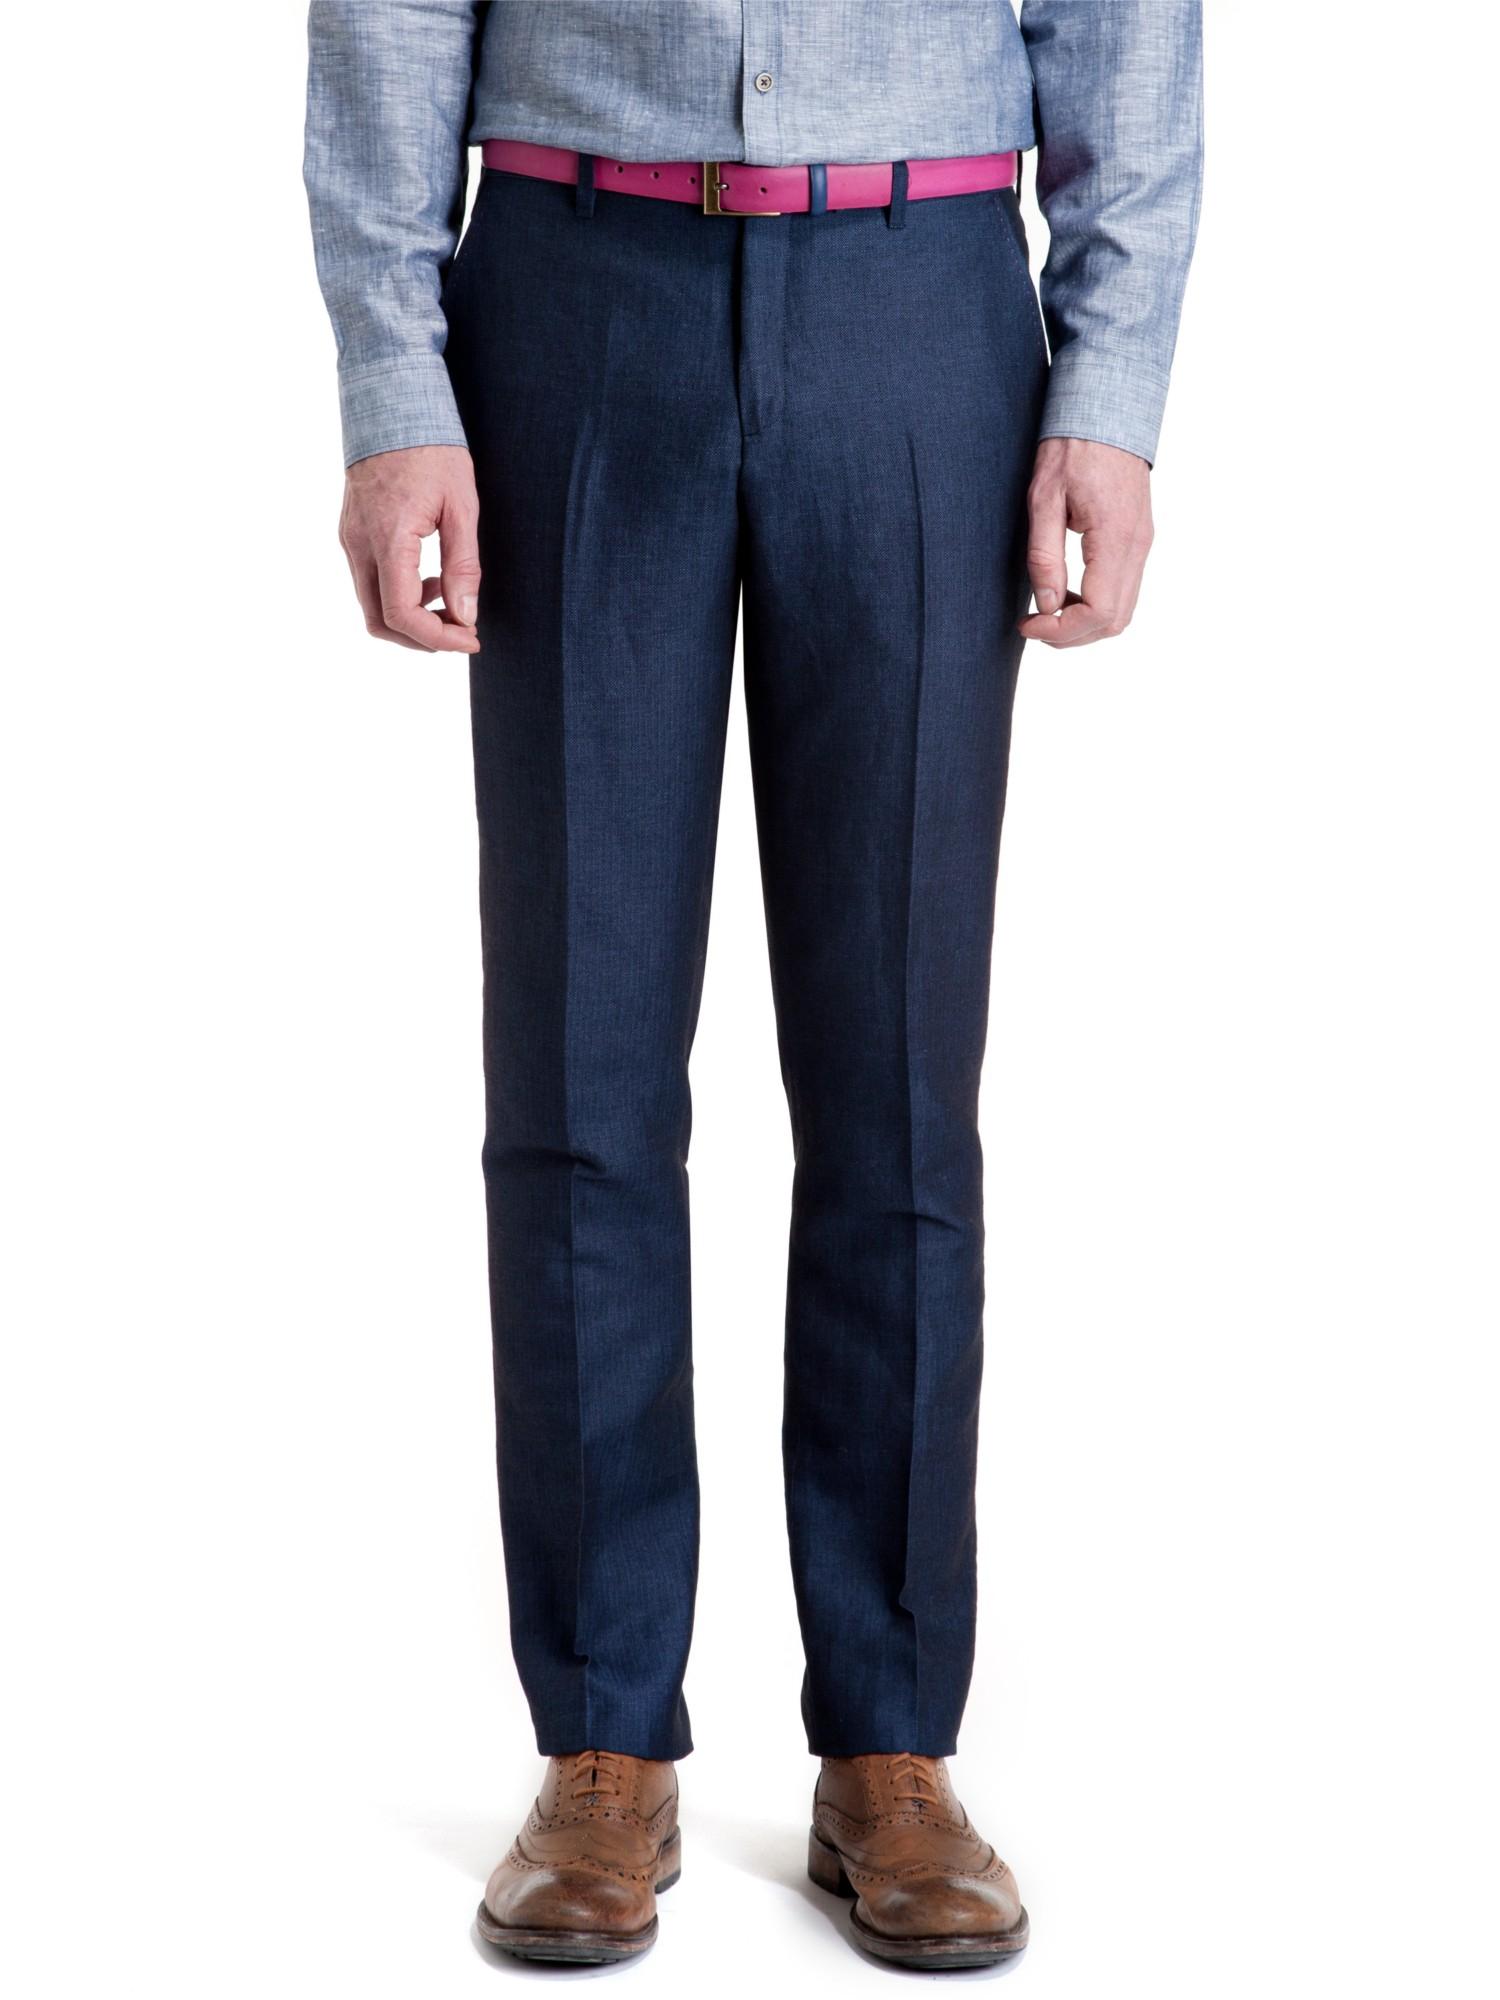 Ted Baker T For Tall Haitro Herringbone Suit Trousers in Navy (Blue) for Men